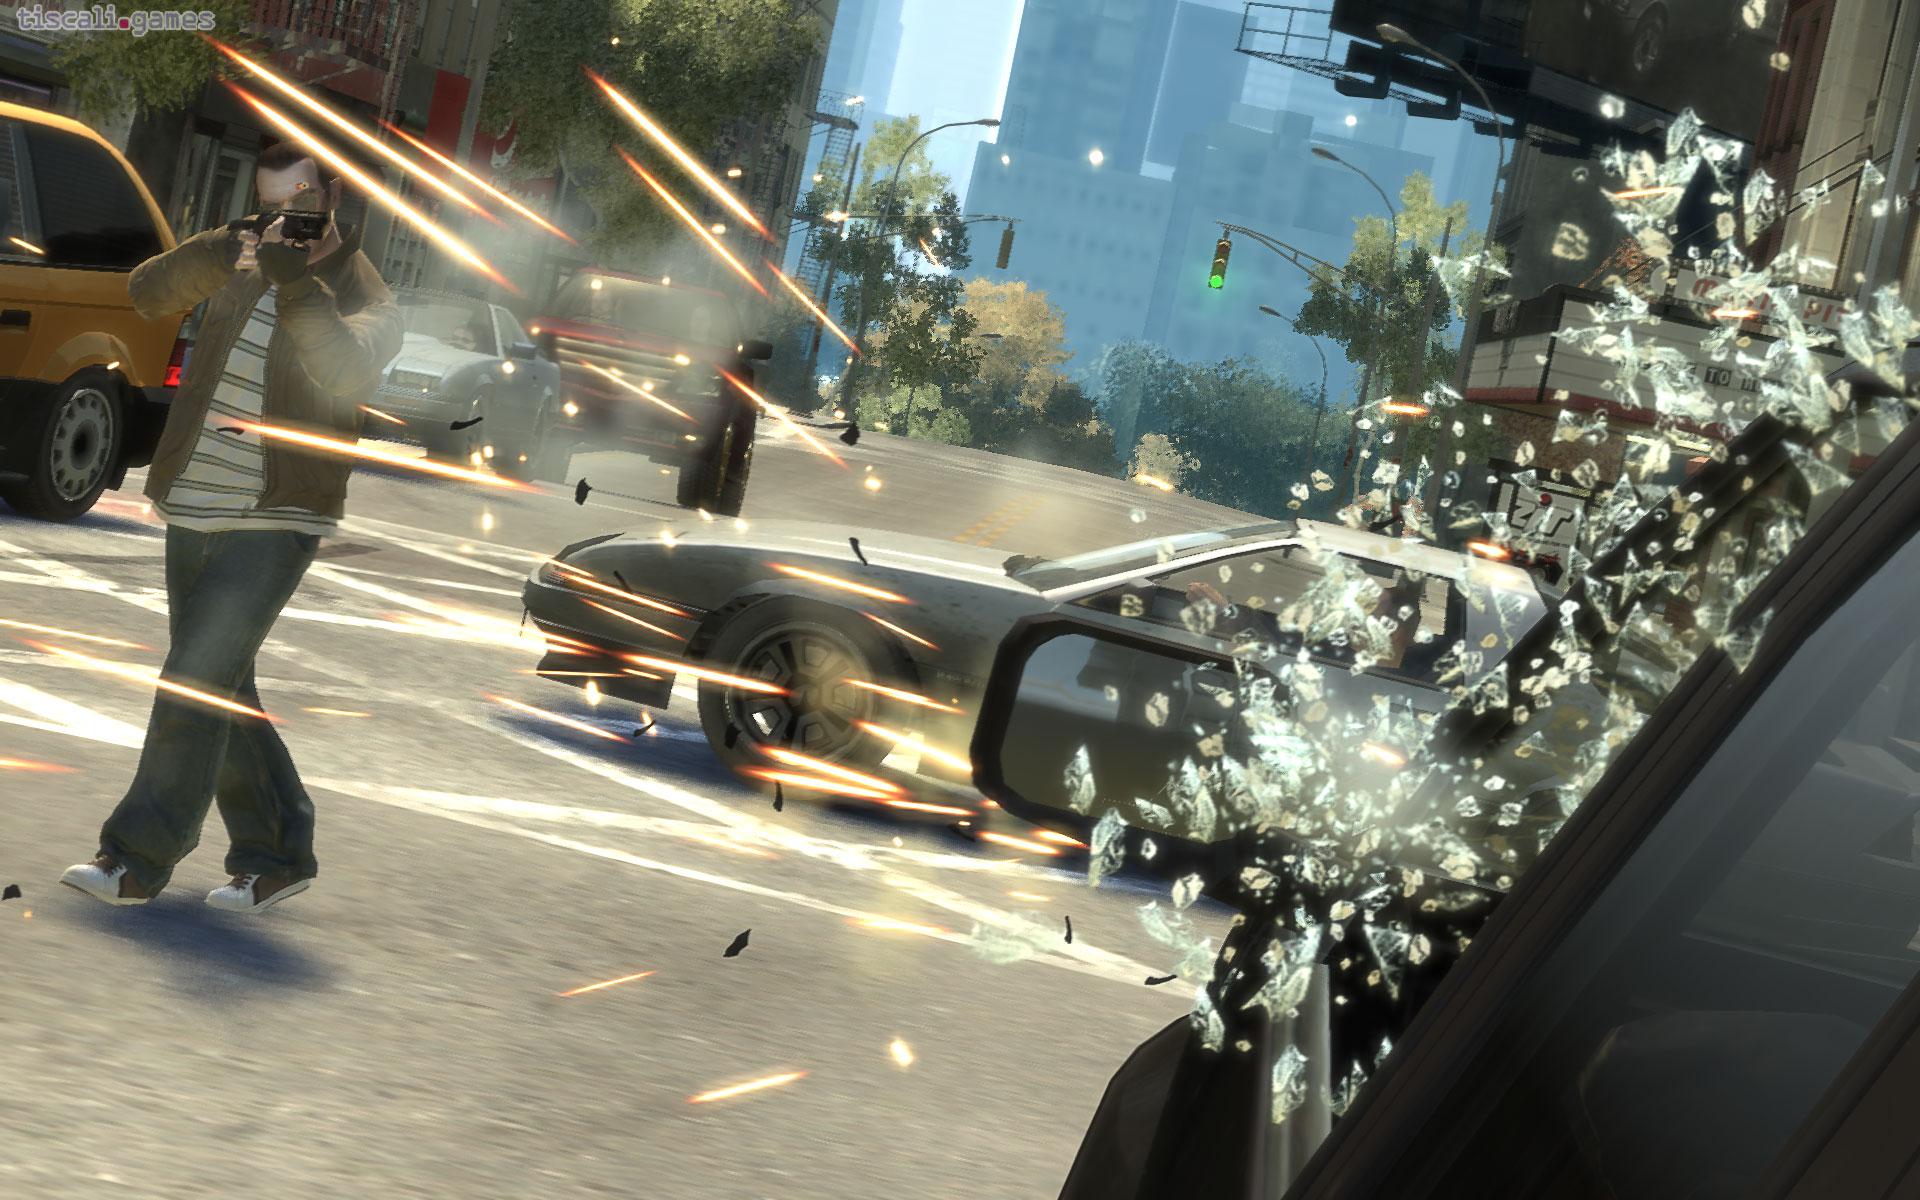 Jogo segue algumas imagens do jogo tiradas antes do lançamento